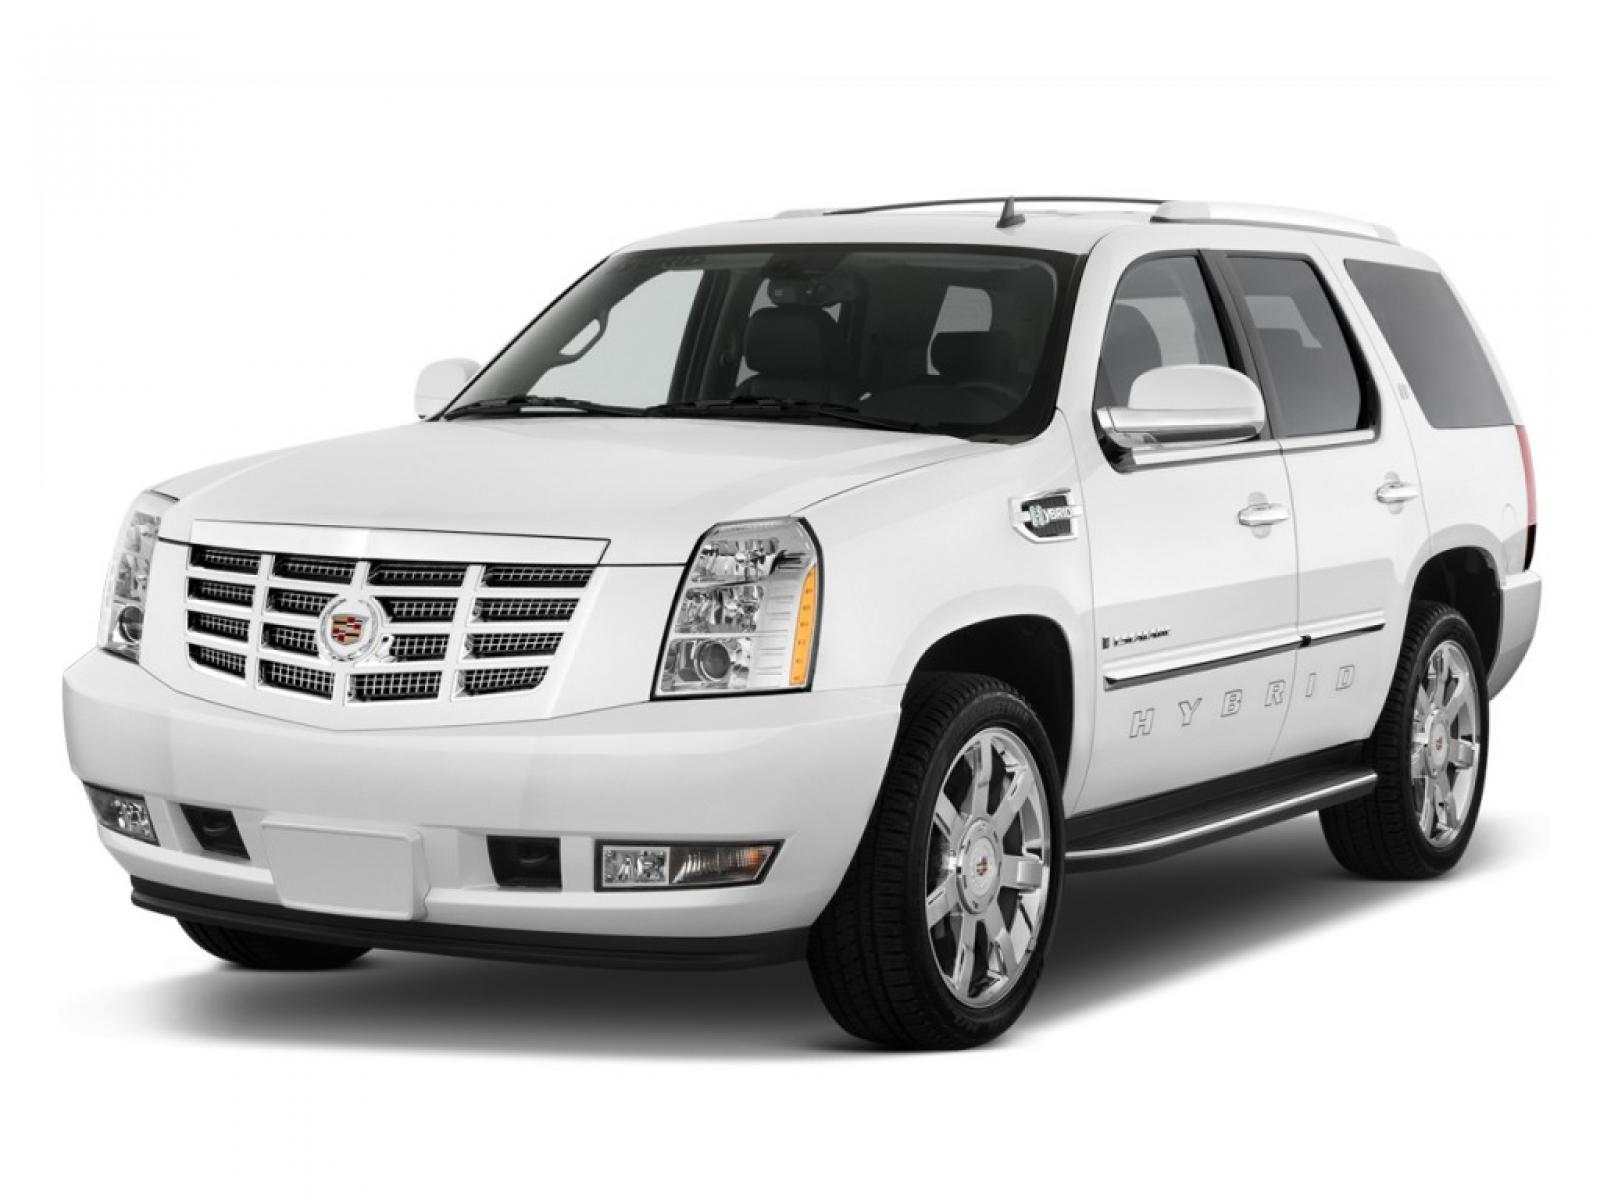 2012 Cadillac Escalade Hybrid - Information and photos